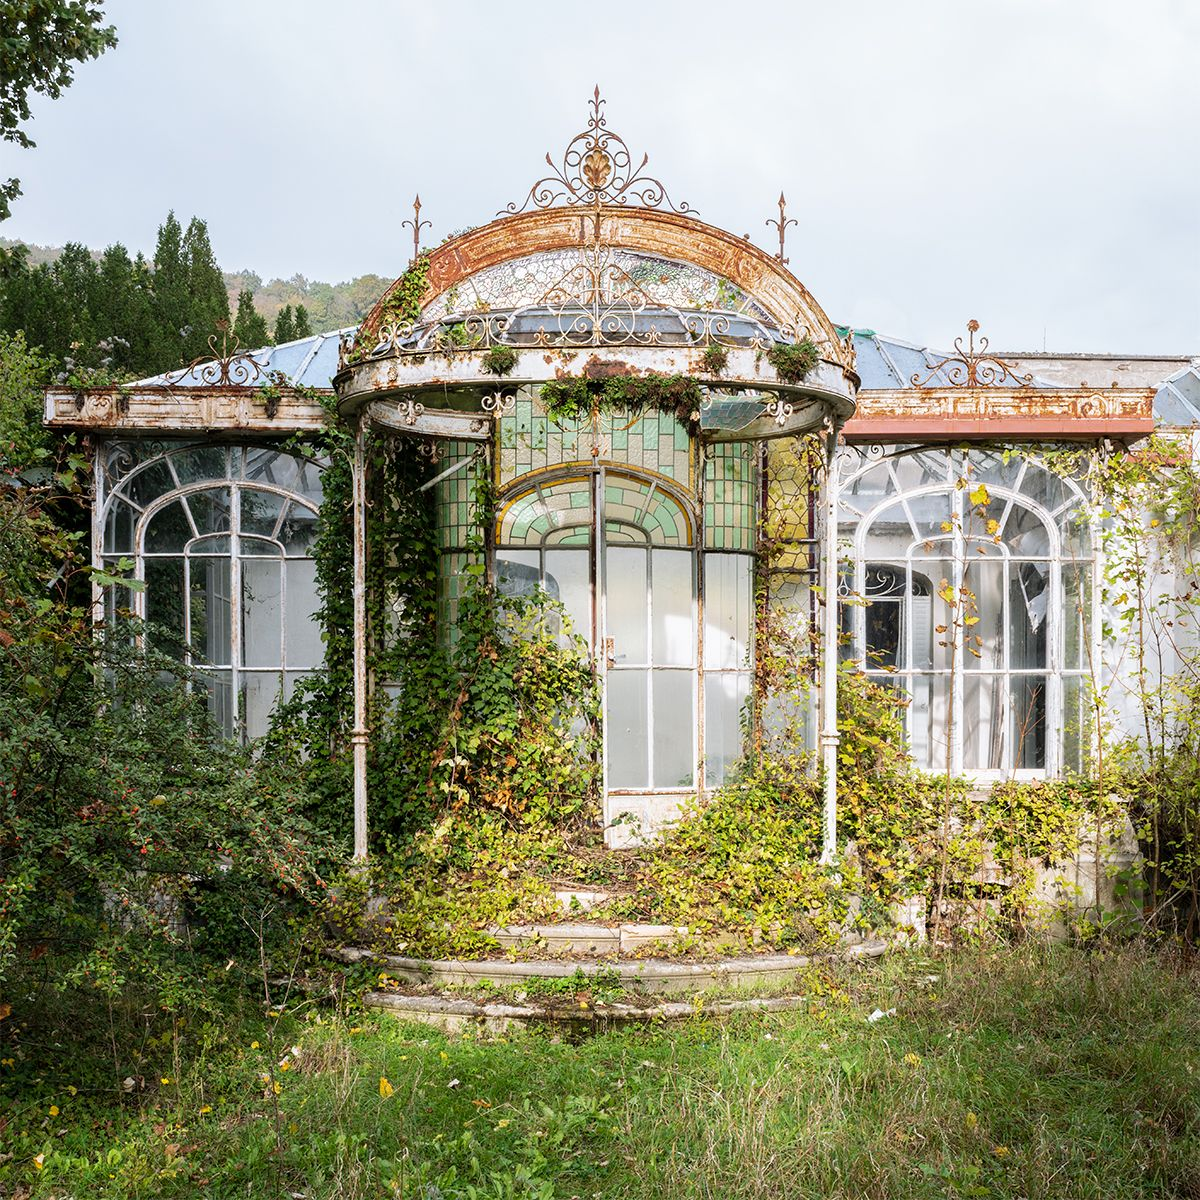 Pin On Mojca: Abandoned Greenhouse By Nicola Bertellotti